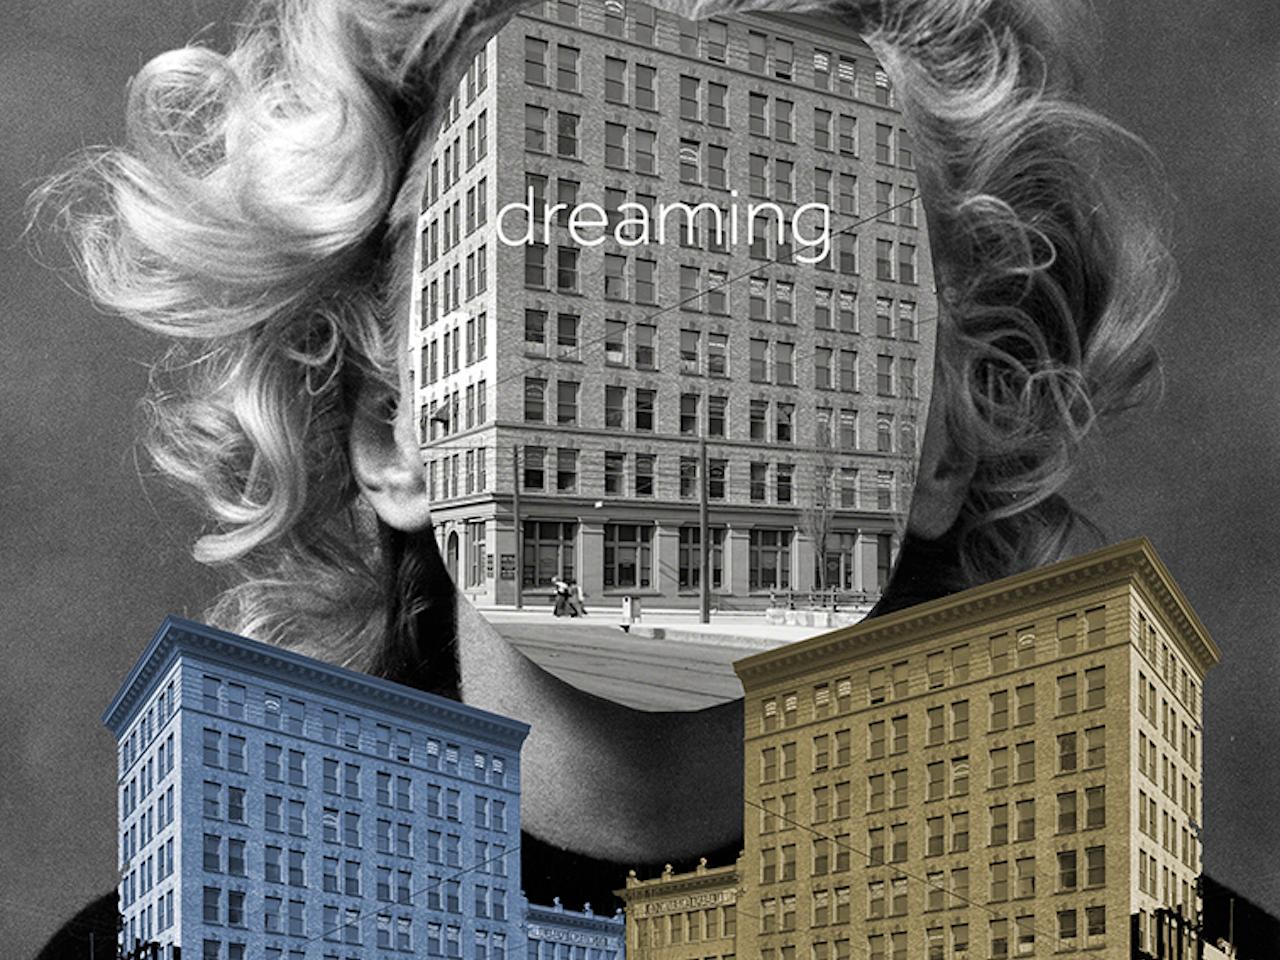 La mente soñando